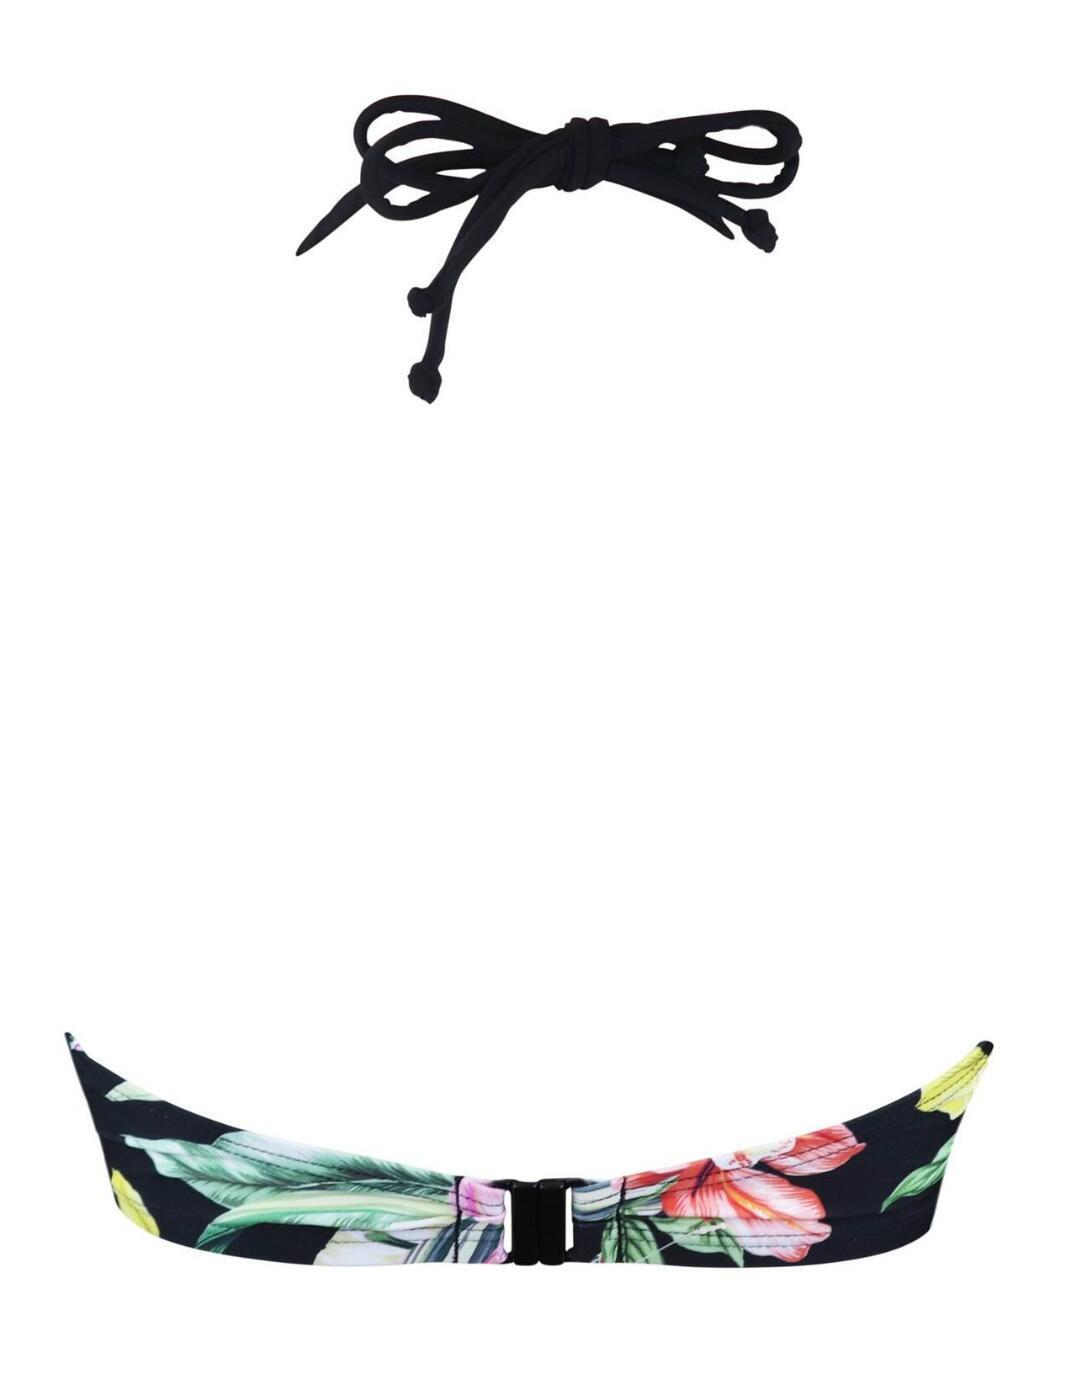 Pour Moi Miami Brights Adjustable Halterneck Bikini Top 14102 Womens Swimwear